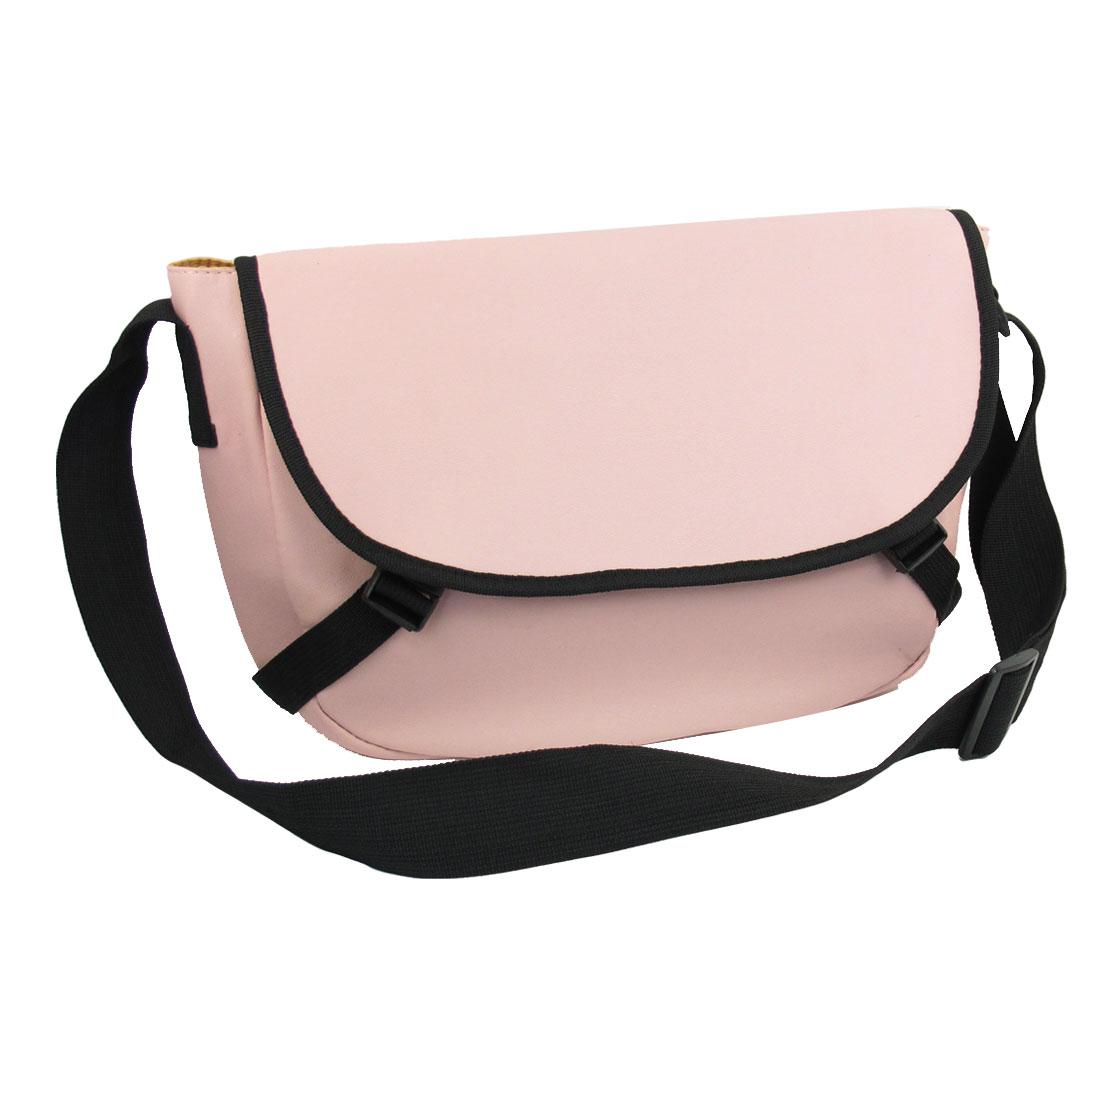 Handy Women Black Brim Pink Faux Leather 3 Compartment Shoulder Bag